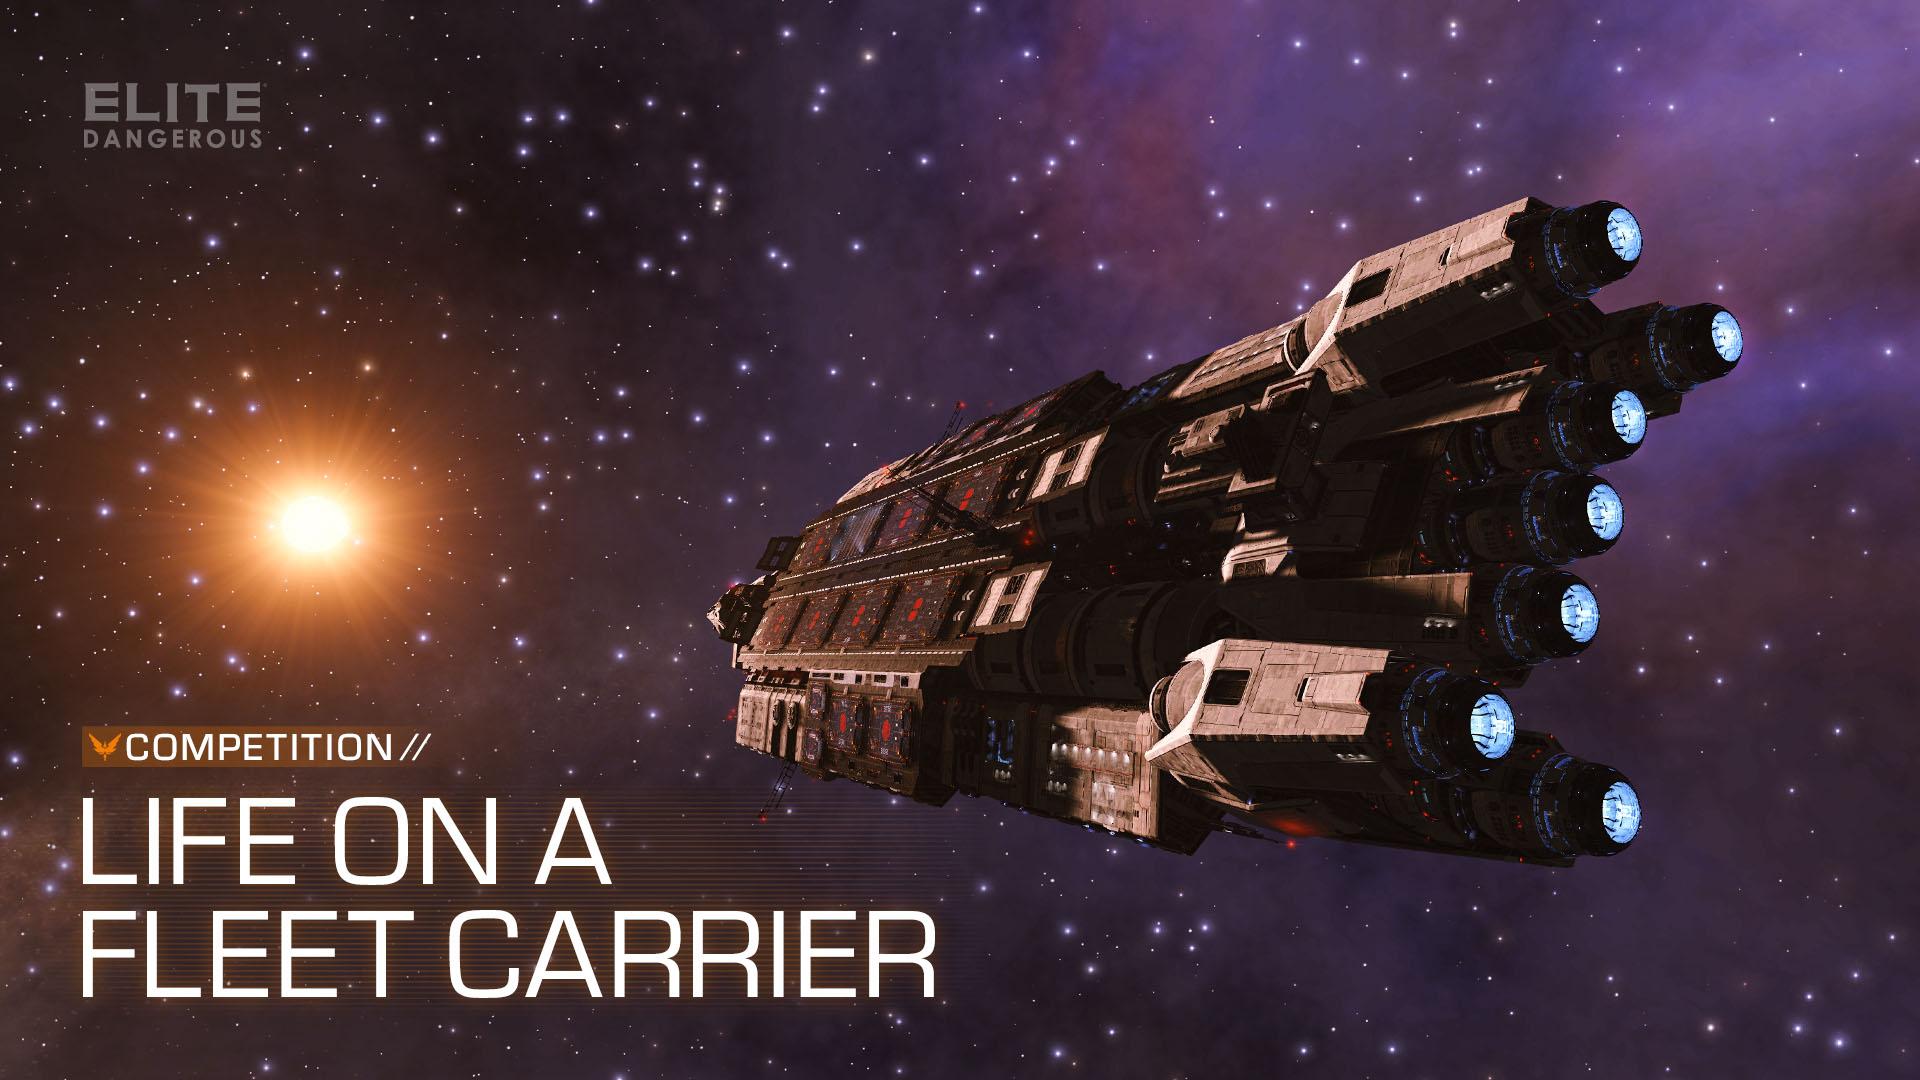 ED_Fleet_Carrier_competition_facebook_01_1920x1080.jpg